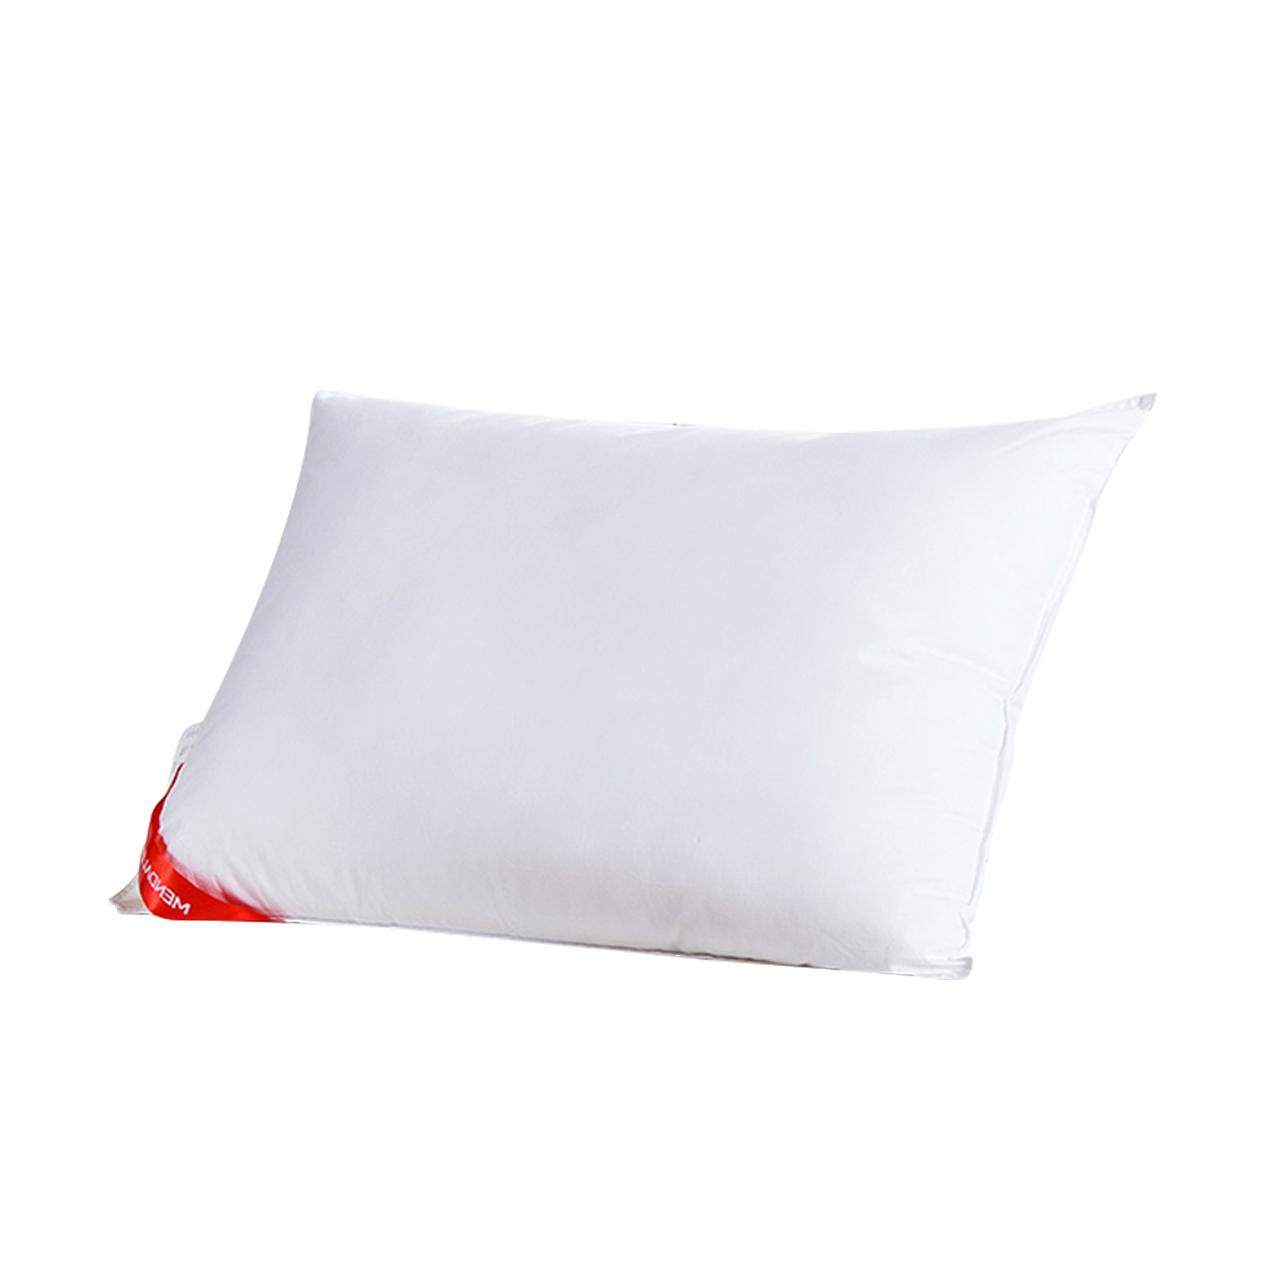 梦洁家纺羽丝绒枕头芯成人护颈枕单人颈椎枕家用助睡眠长款